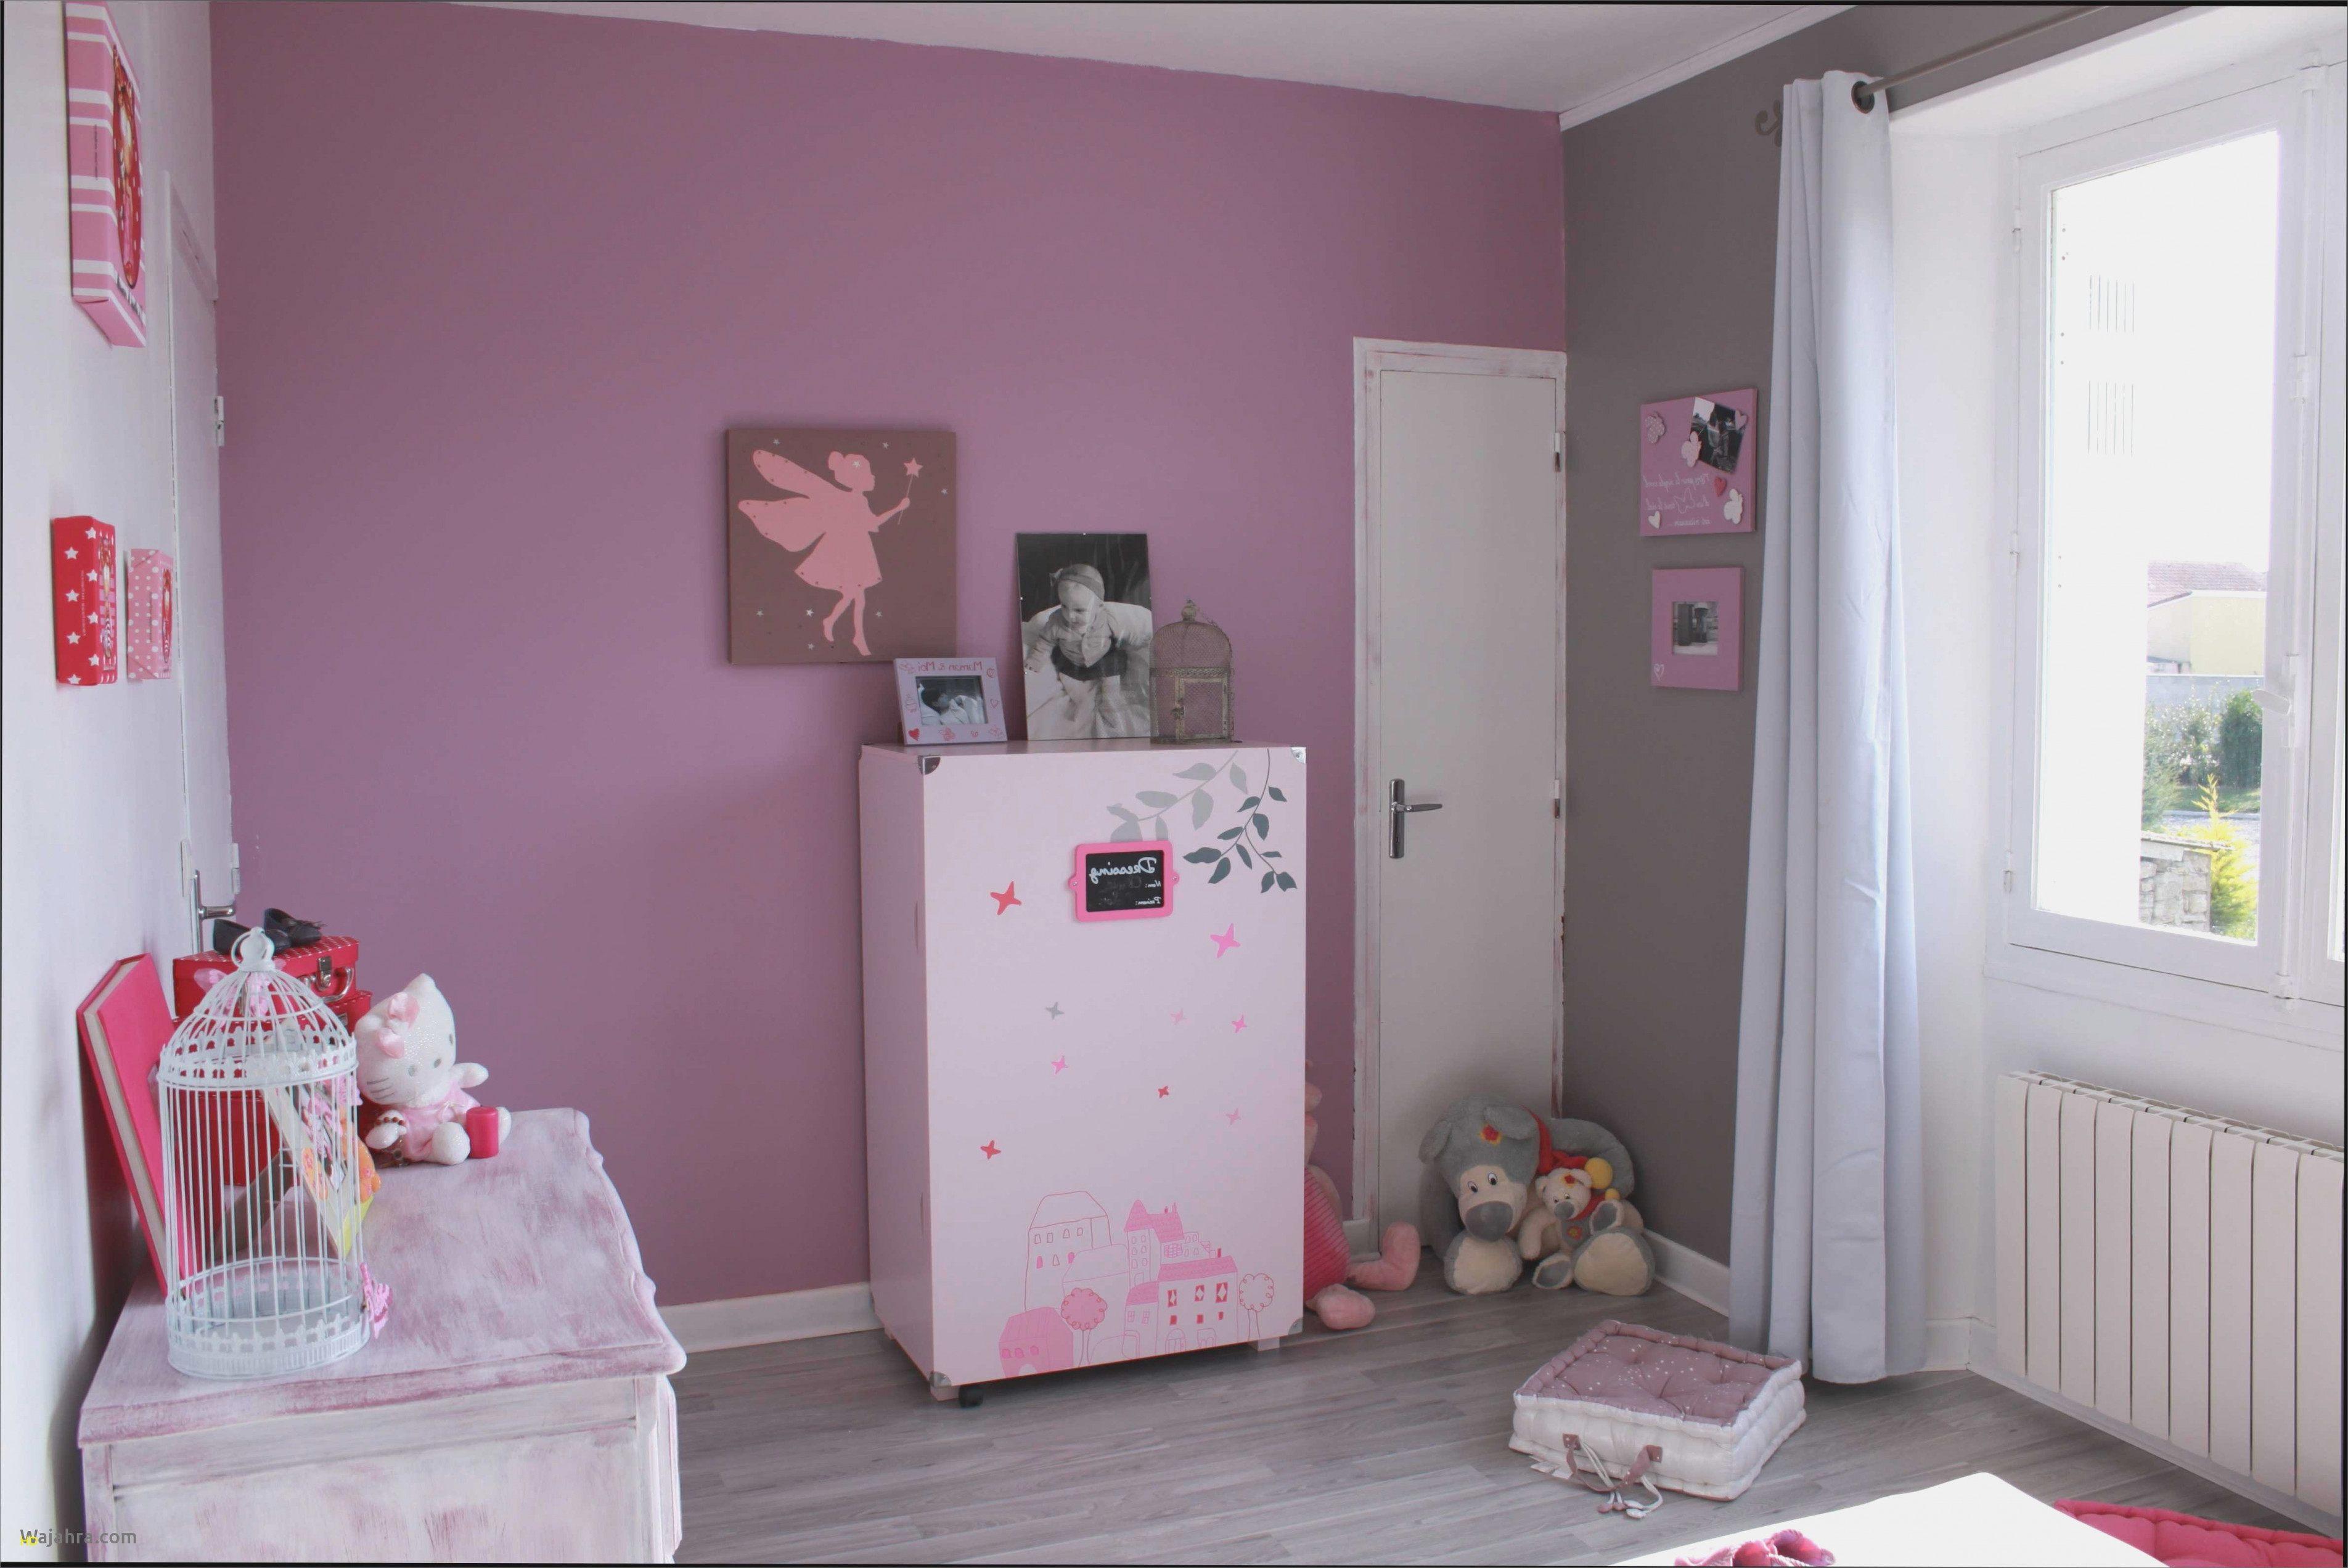 Lit Bebe Bois Bel Baignoire 70—140 Inspirant Meuble Laurette Inspirant Ahuri Lit Bebe